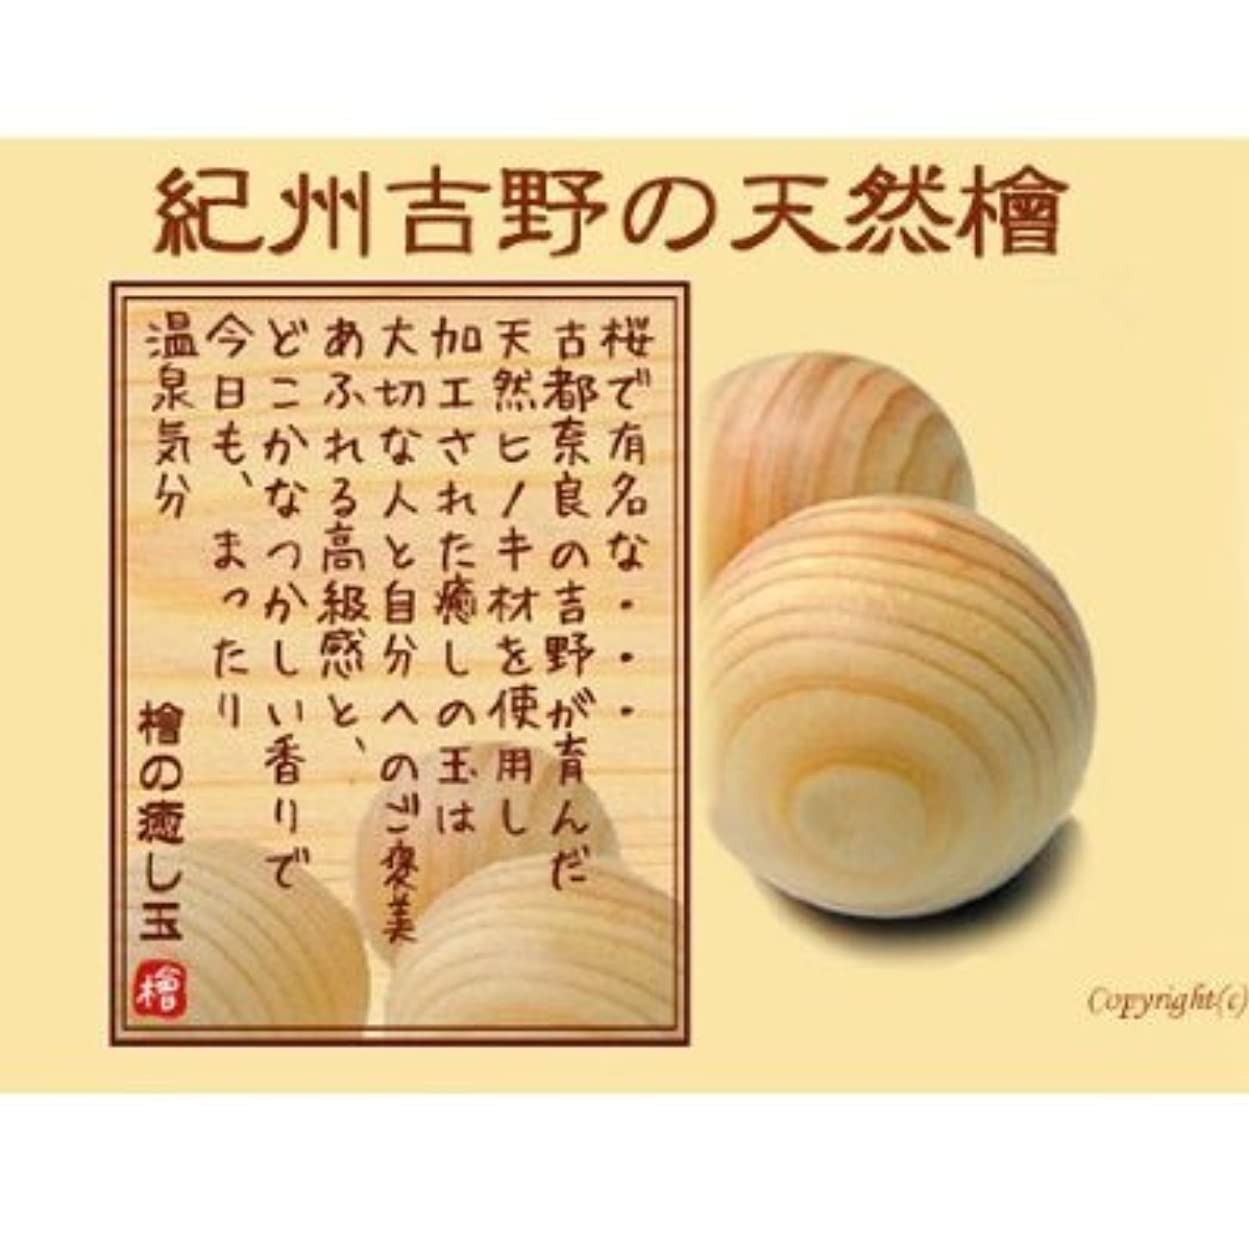 メロディアスドレイン故意の古都奈良の吉野が育んだ天然ヒノキ【檜の癒し玉10袋】入浴剤